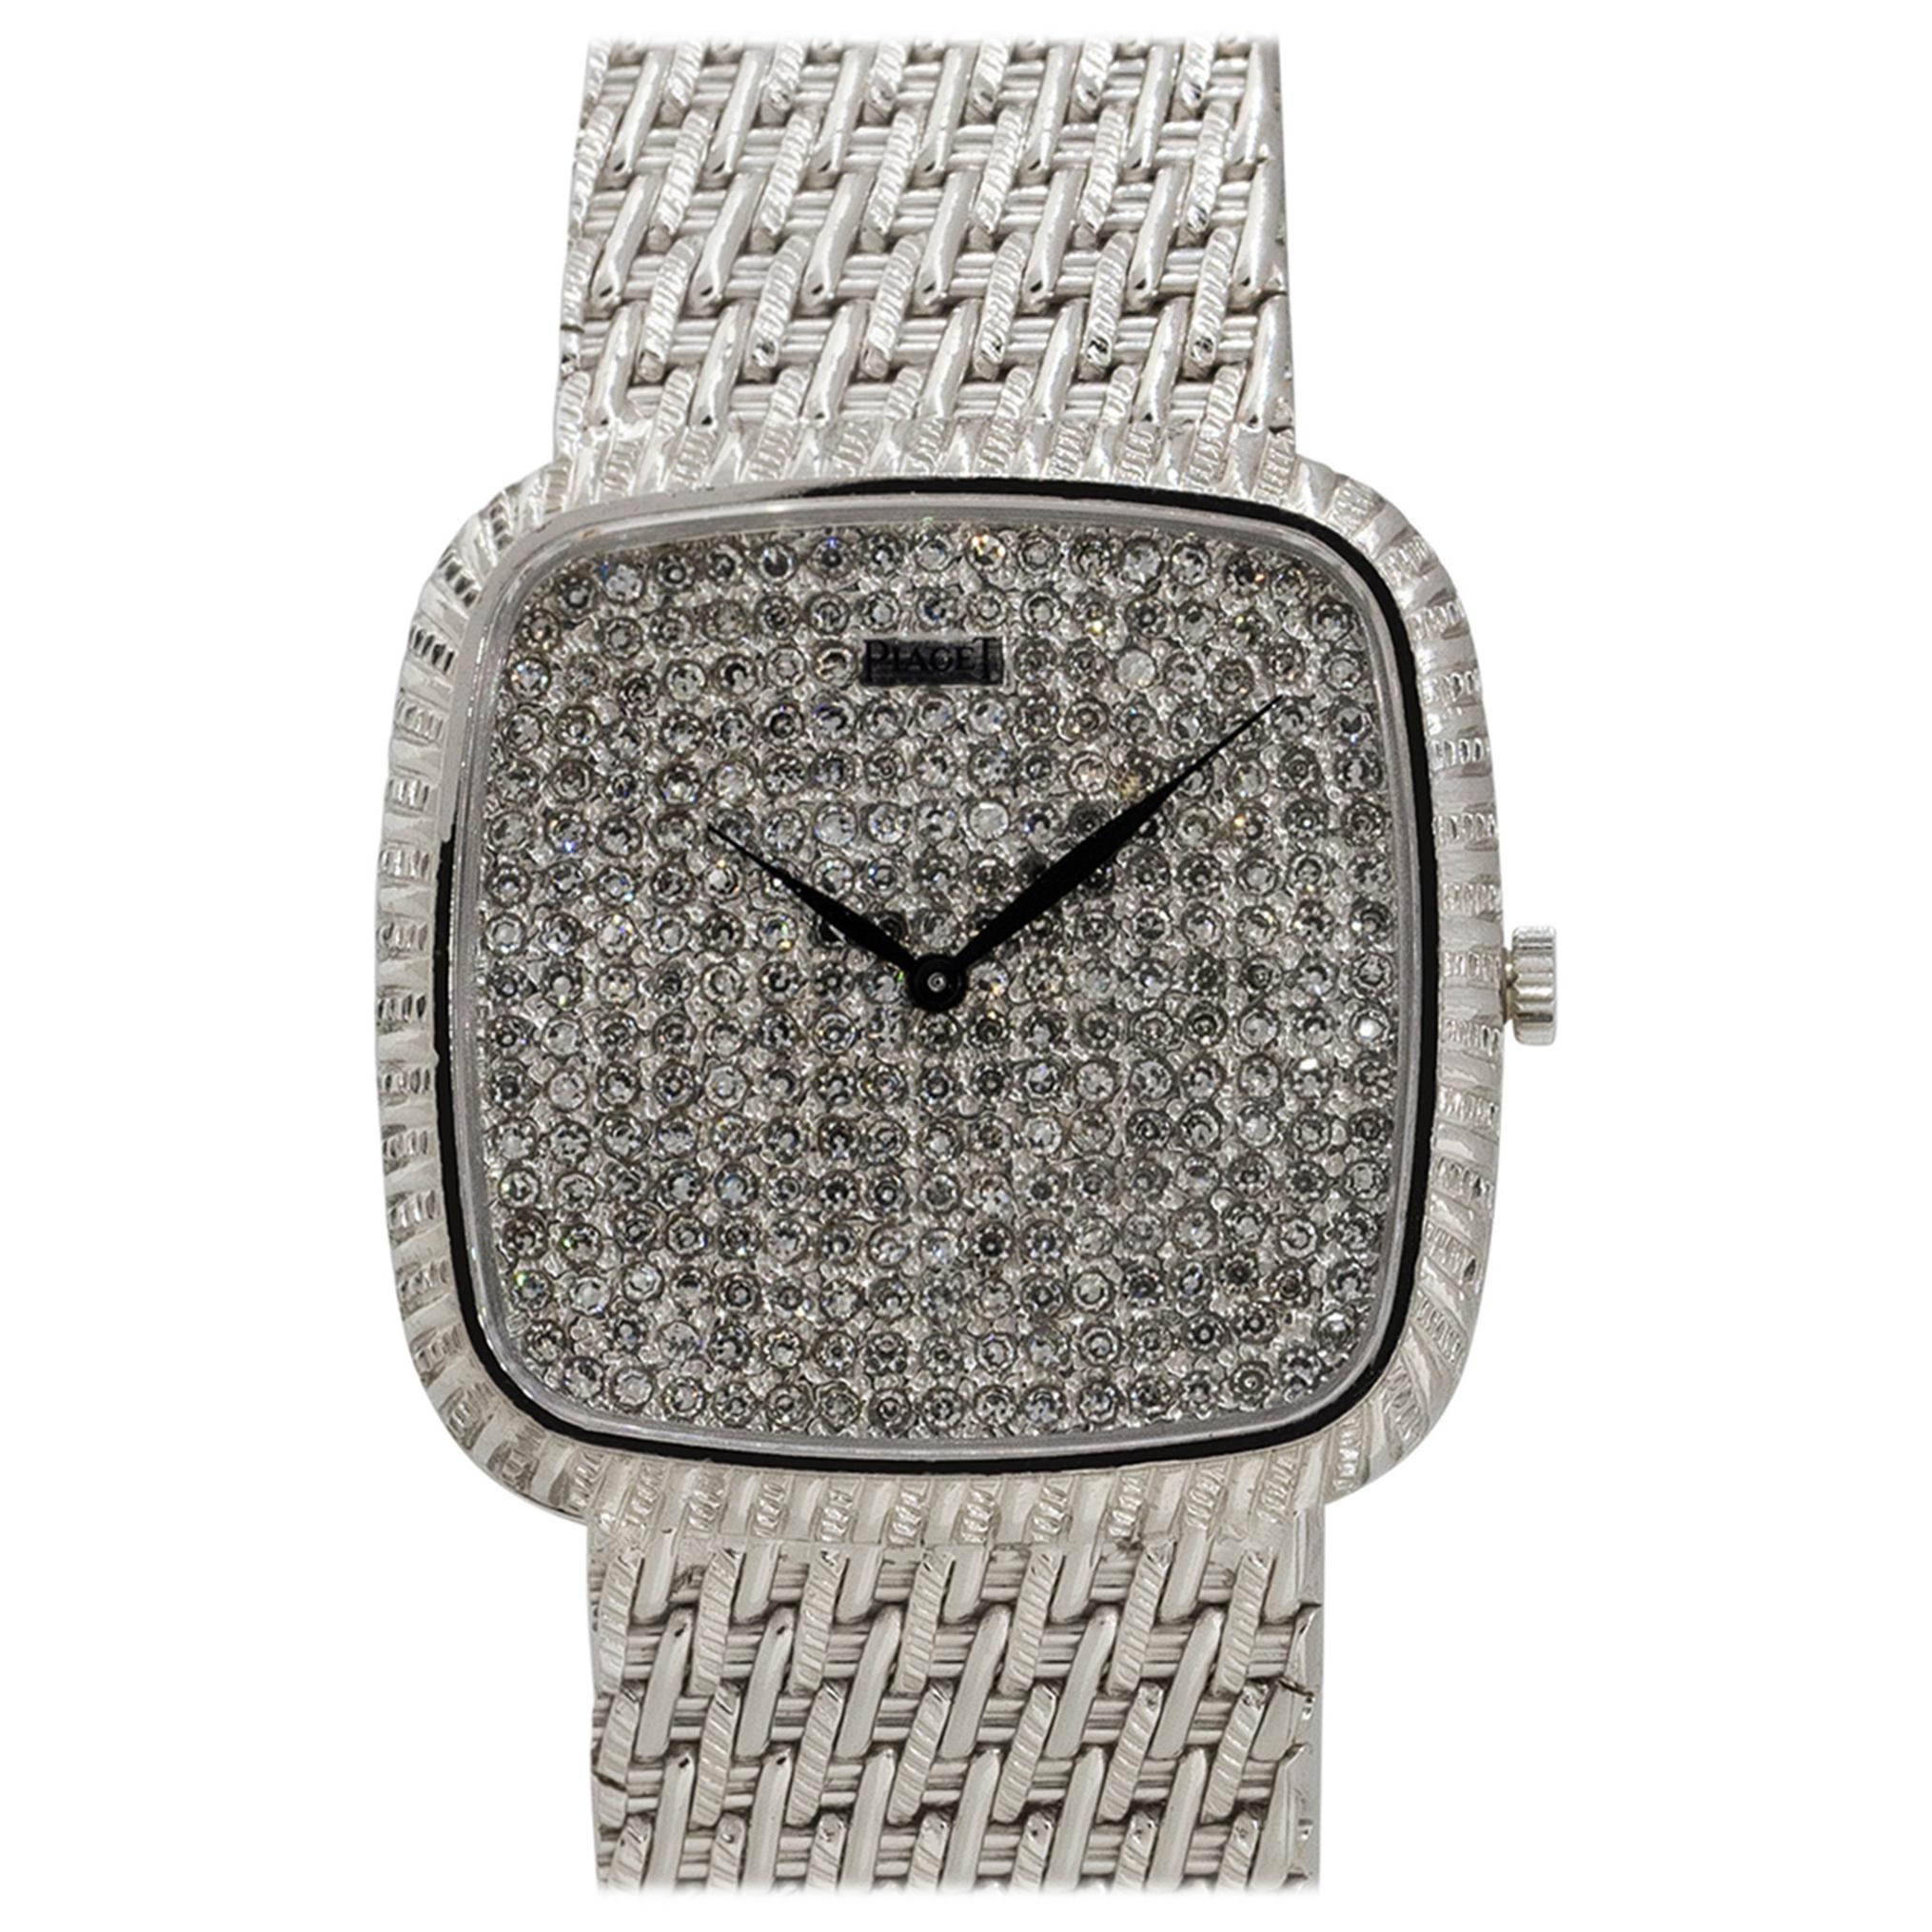 Piaget 9771P31 18k White Gold Diamond Dial Ladies Watch